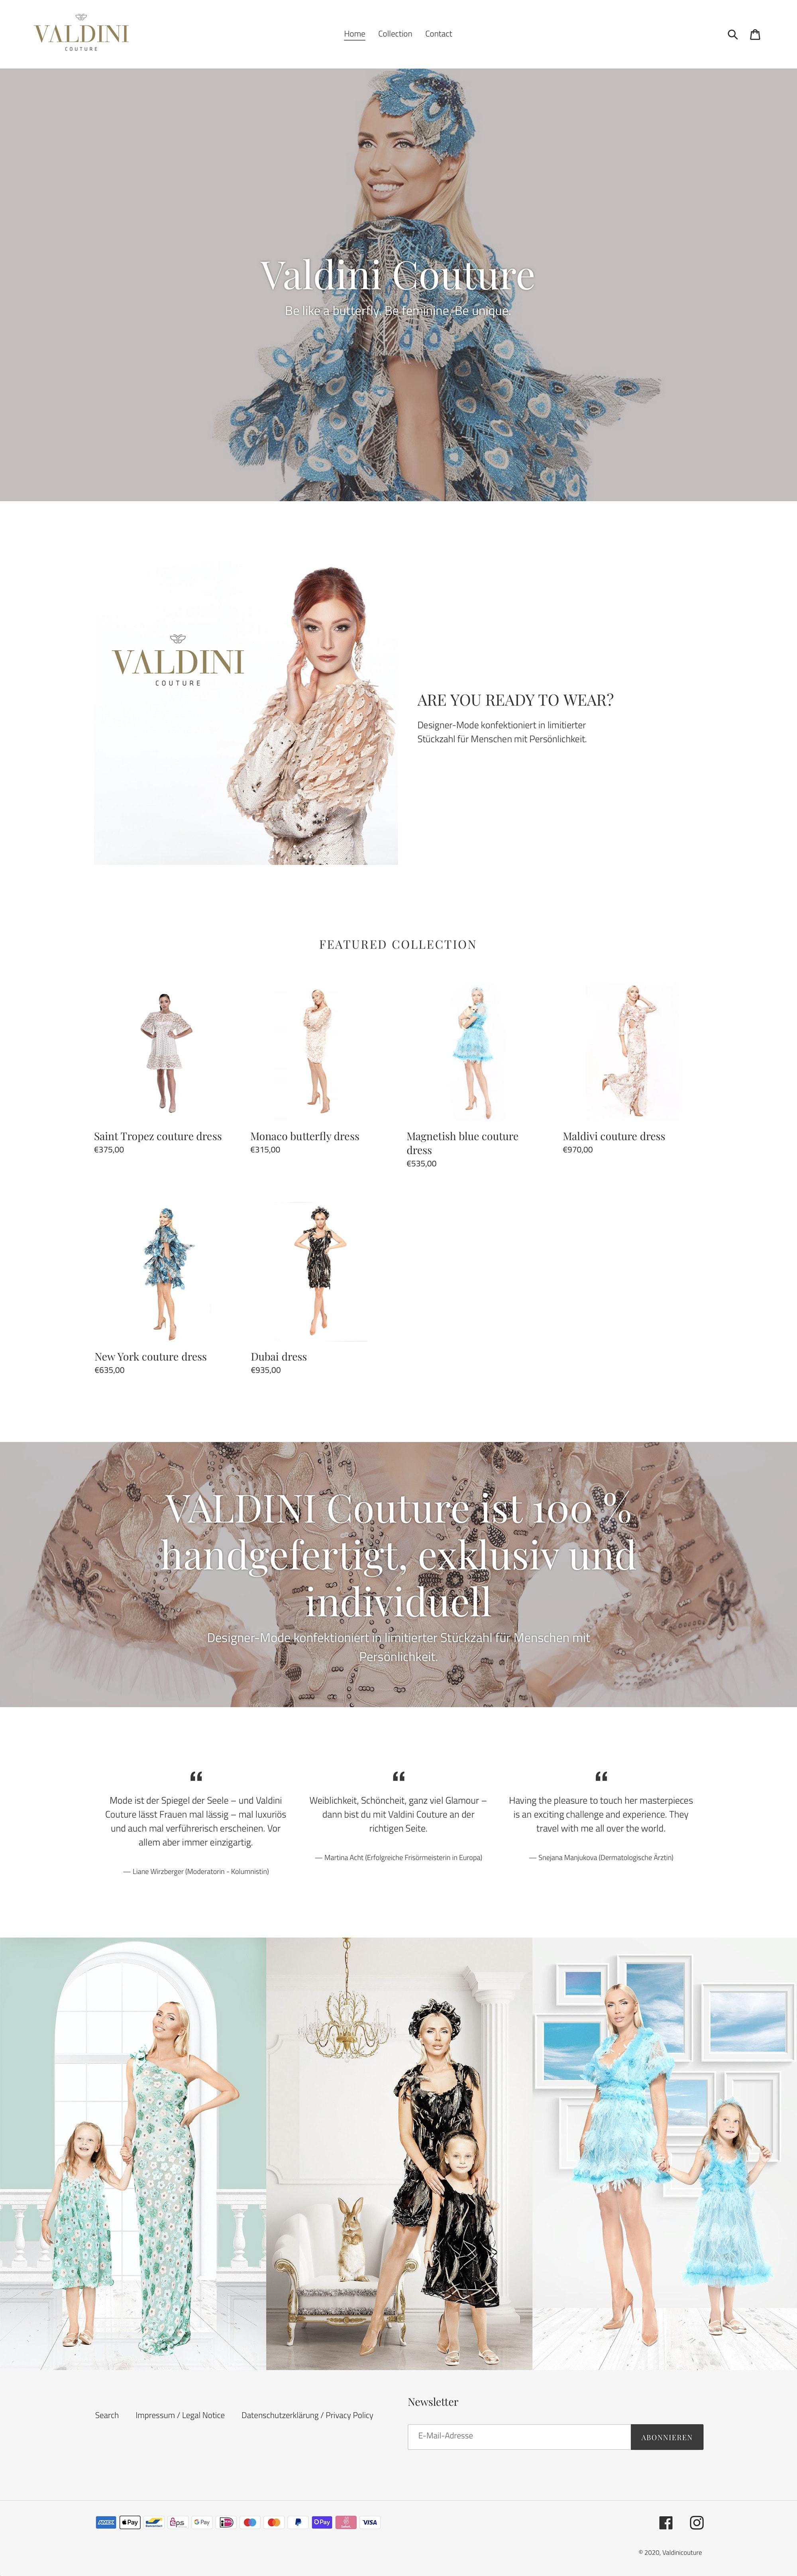 Webdesign und Erstellung Onlineshop für die Mode-Marke Valdini Couture